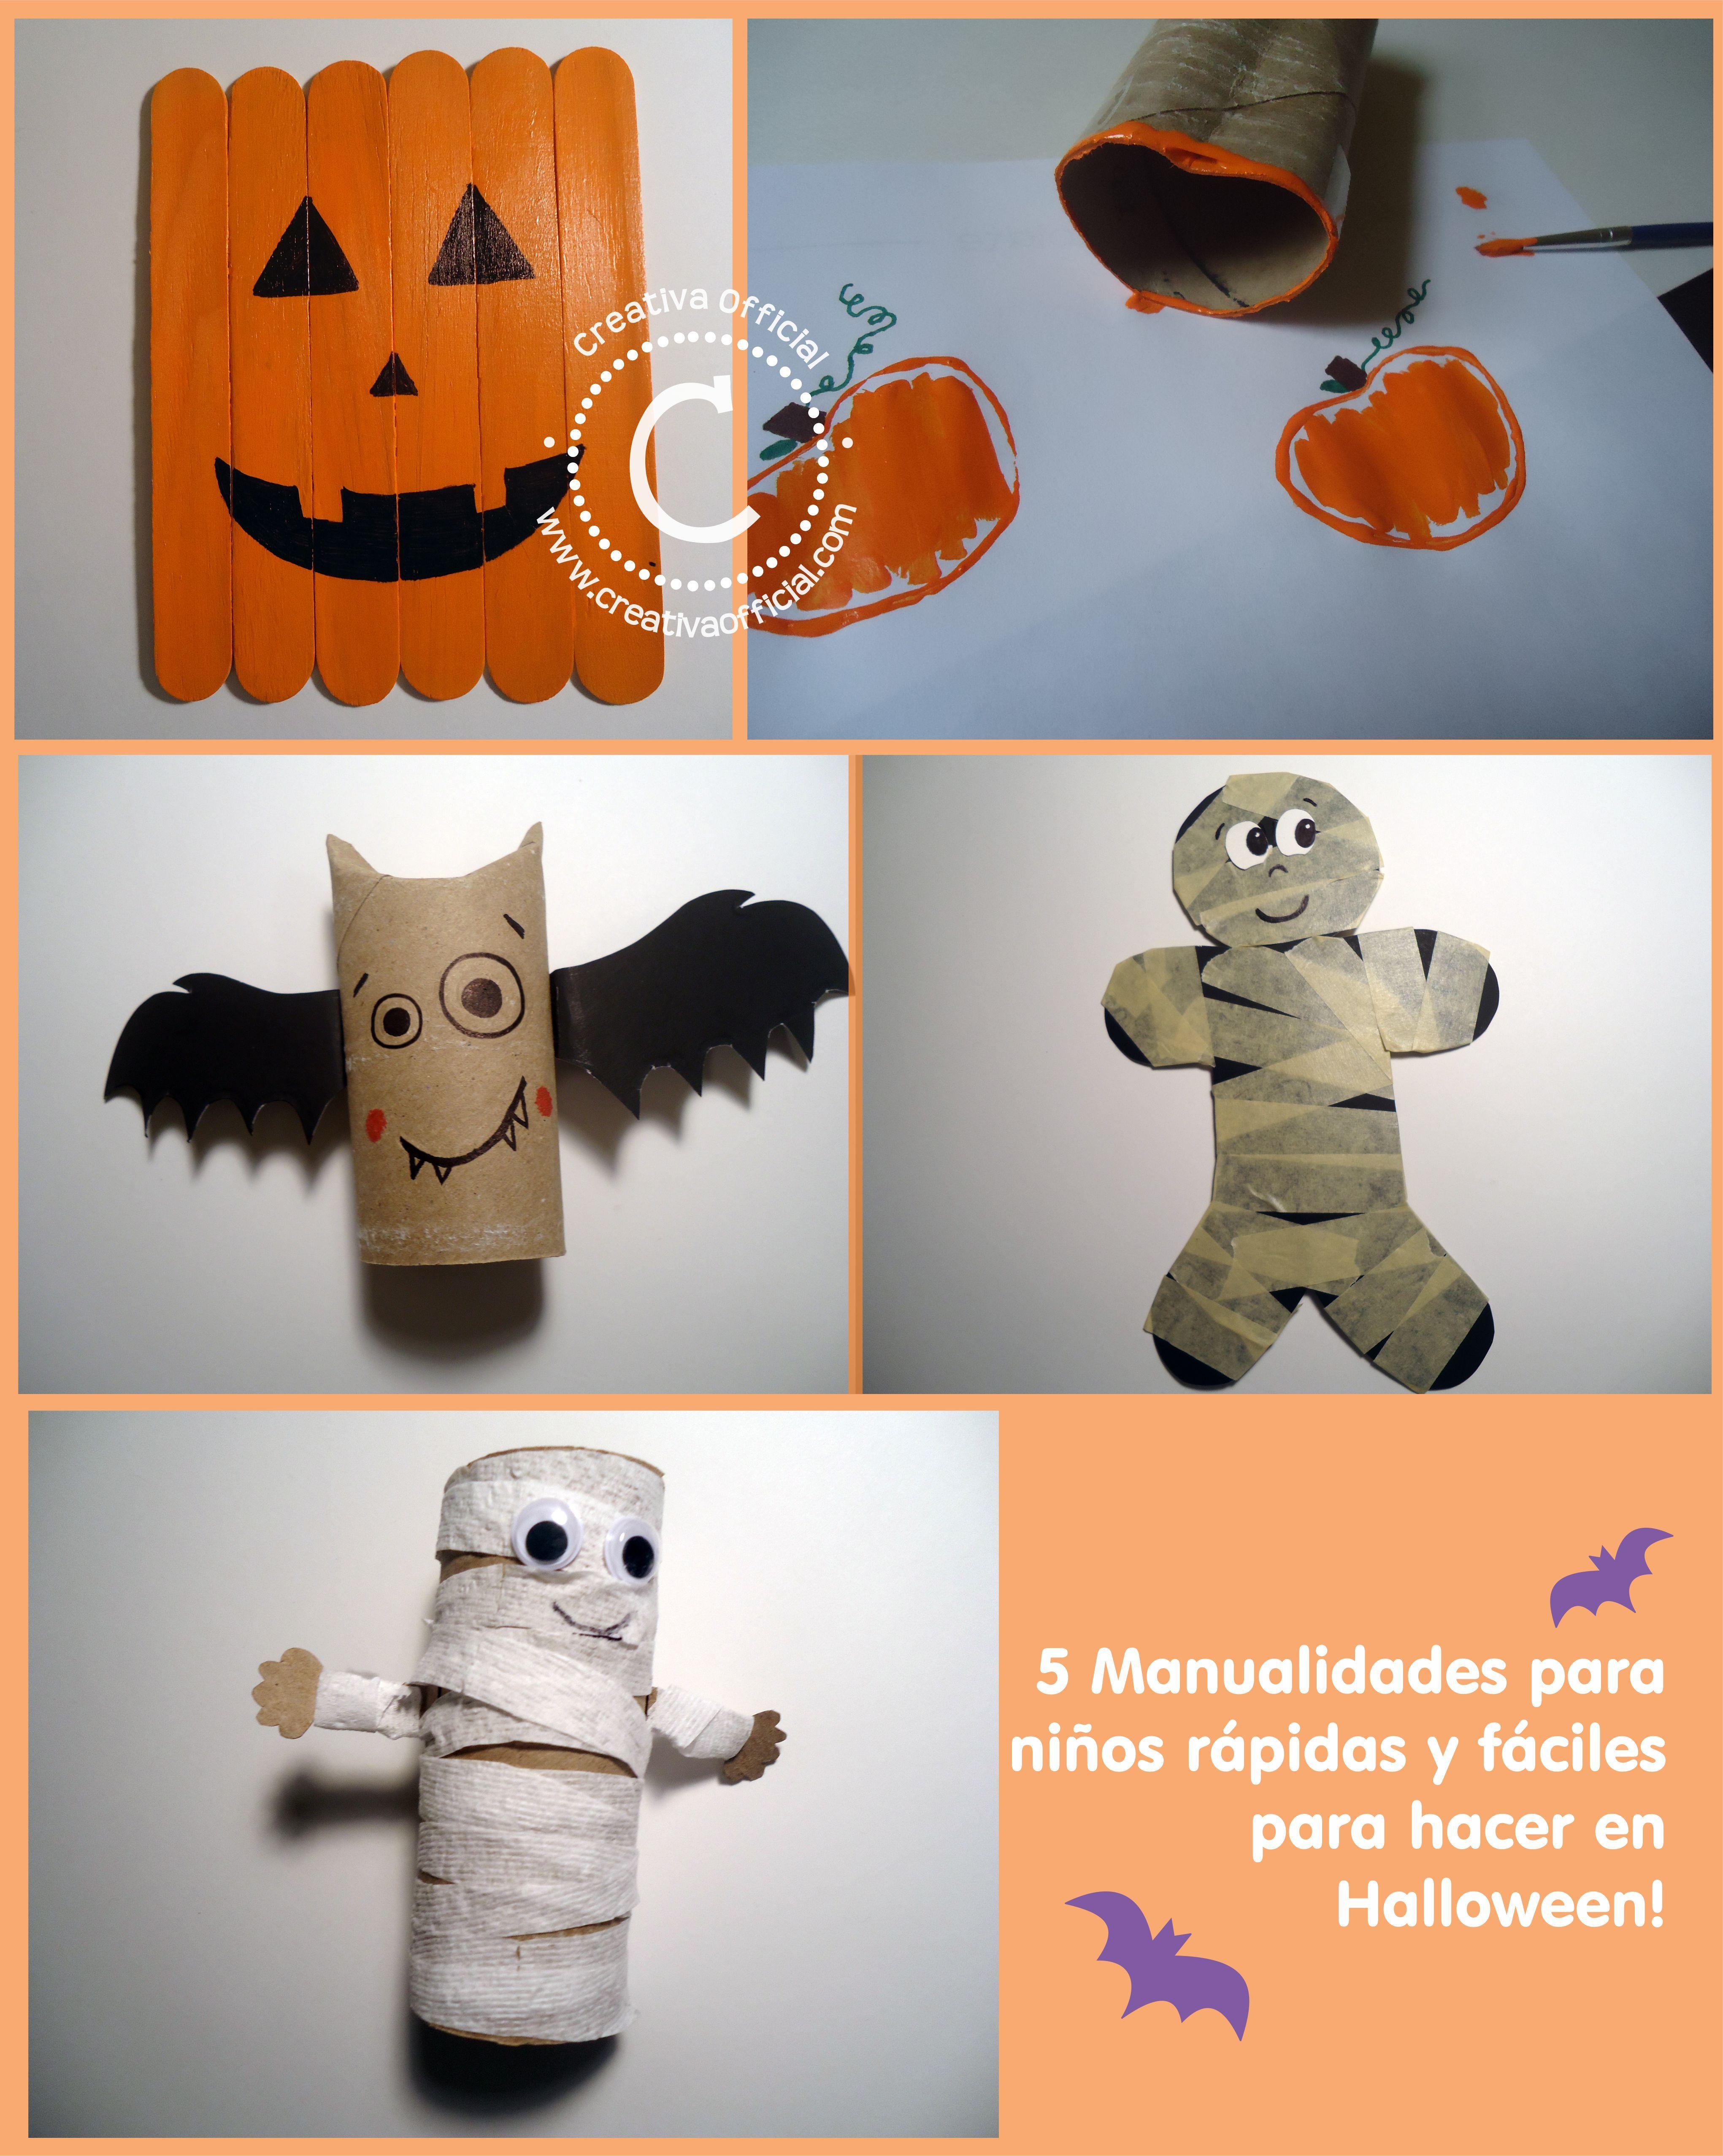 5 Manualidades para niños fáciles y rápidas para hacer en Halloween ...